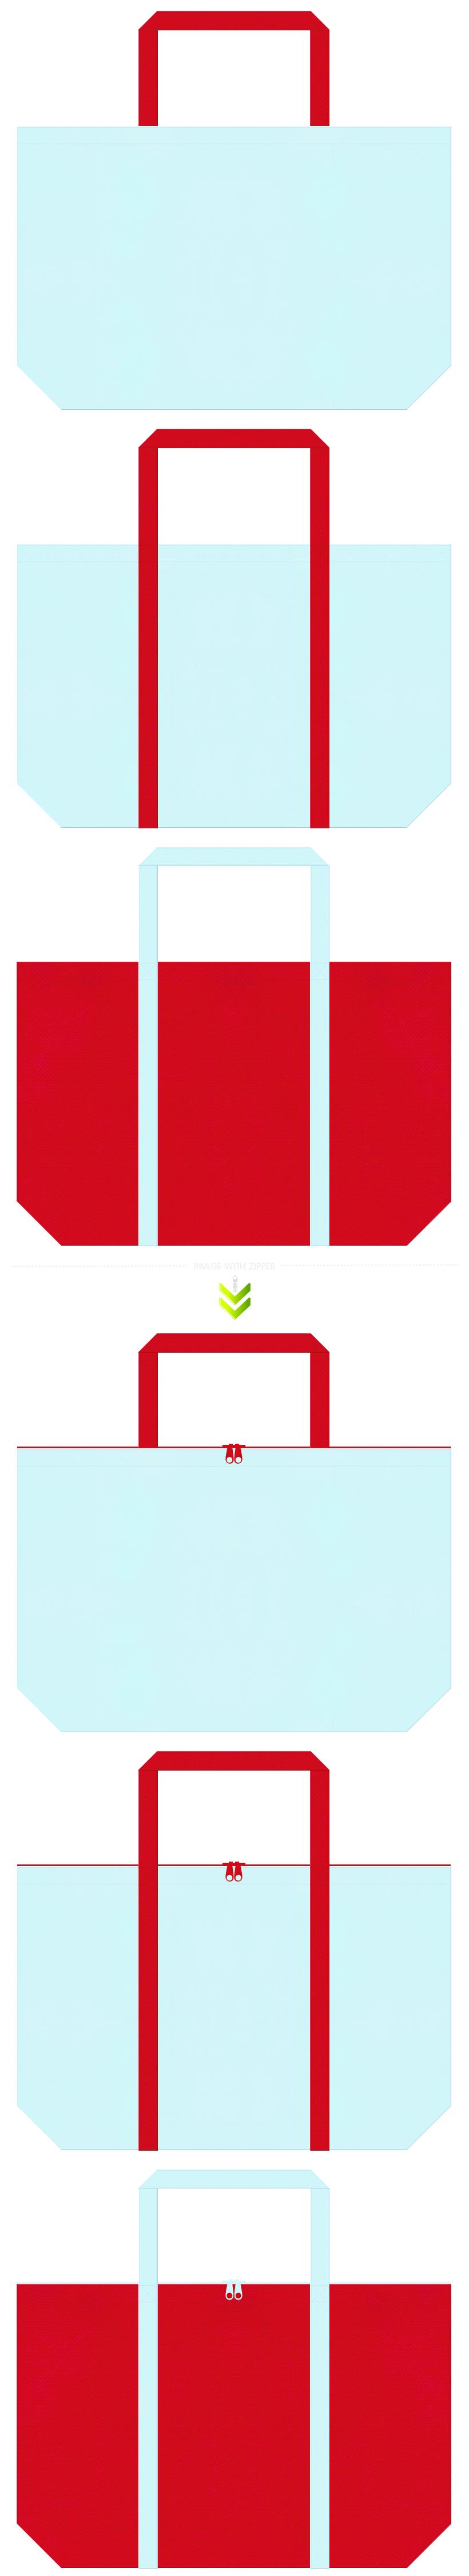 水色と紅色の不織布エコバッグのデザイン。